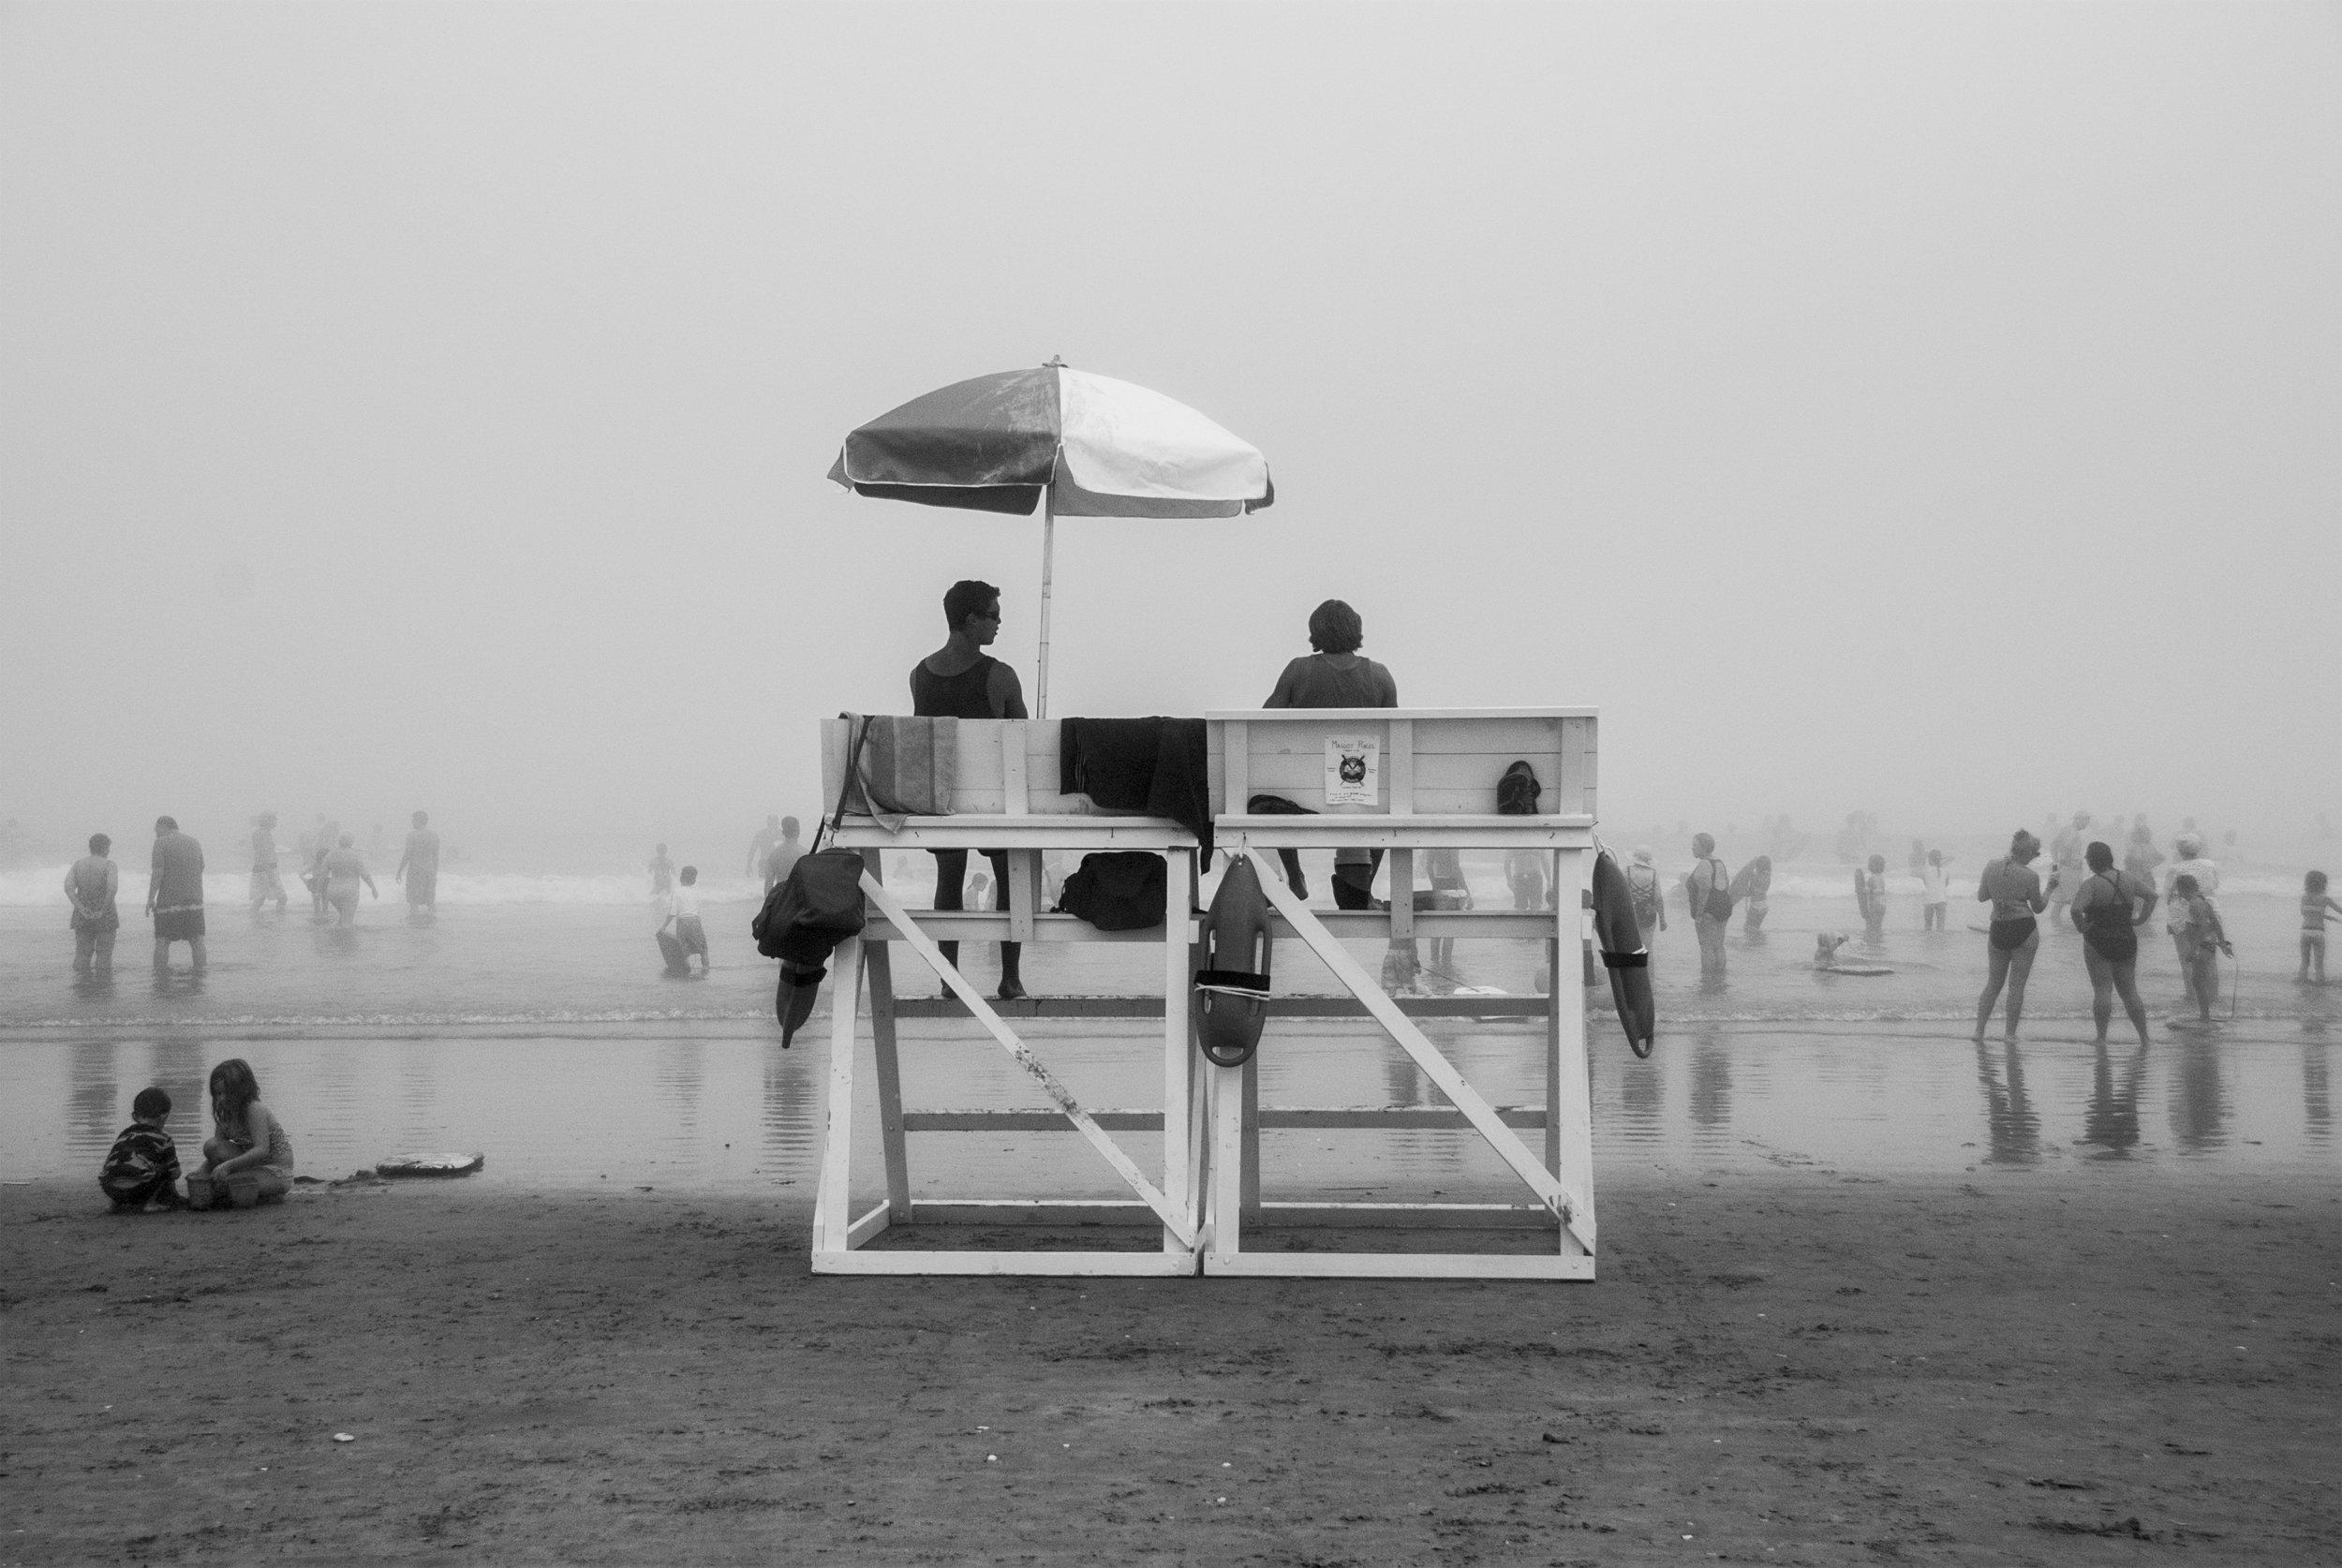 STONEHARBOR_Lifeguards_2008_07_30_DSC_0005_WEB.jpg